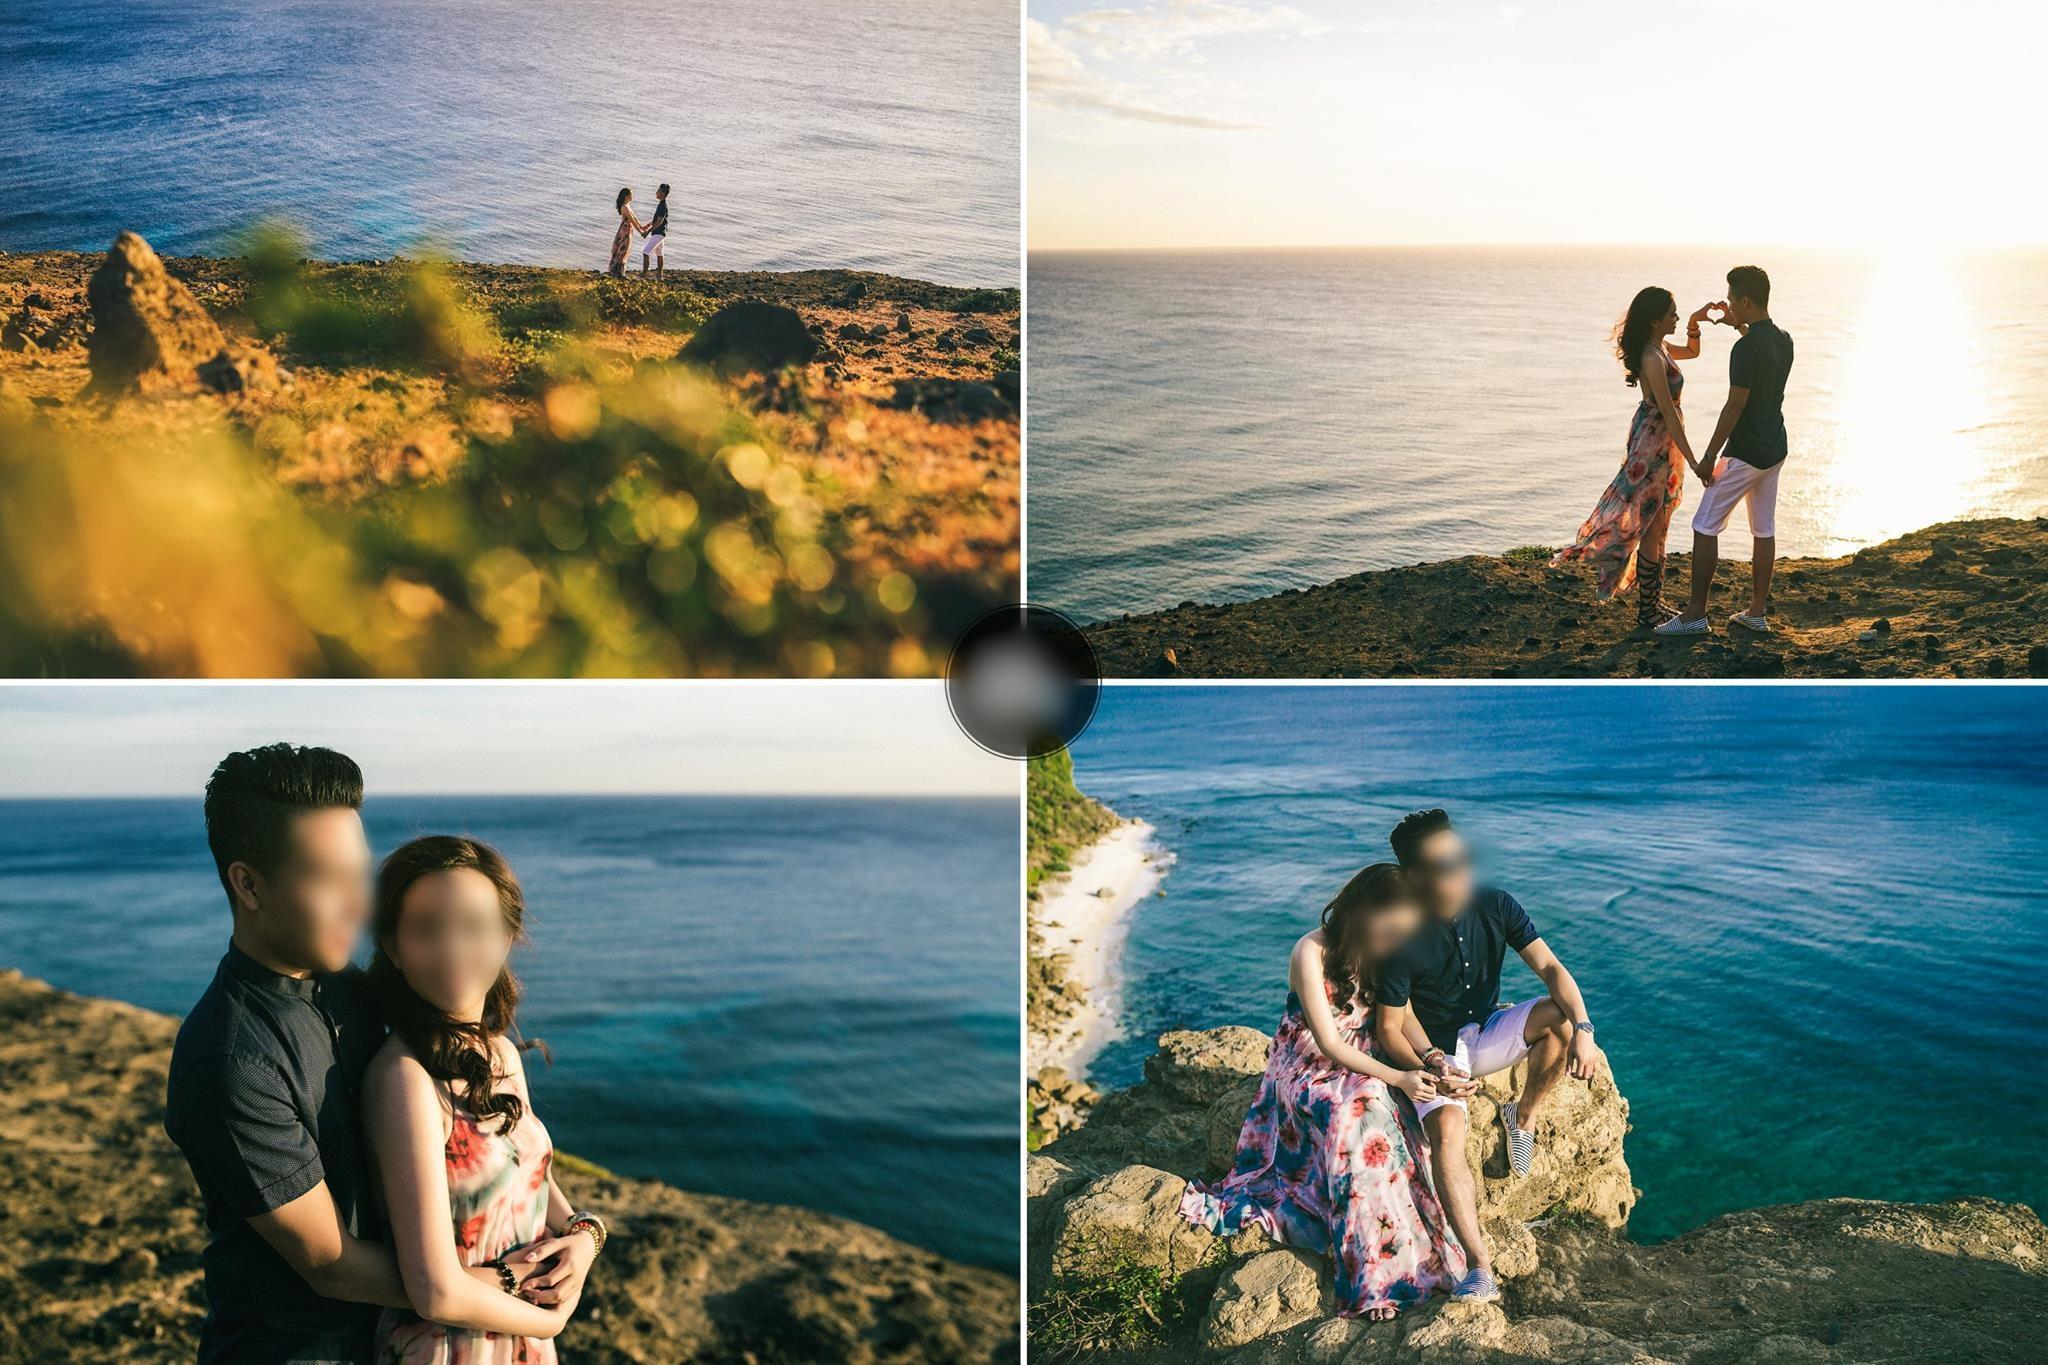 Cô dâu chú rể ở Sài Gòn tố bị nhiếp ảnh gia thuê người đến phá đám cưới để đòi tiền - Ảnh 9.